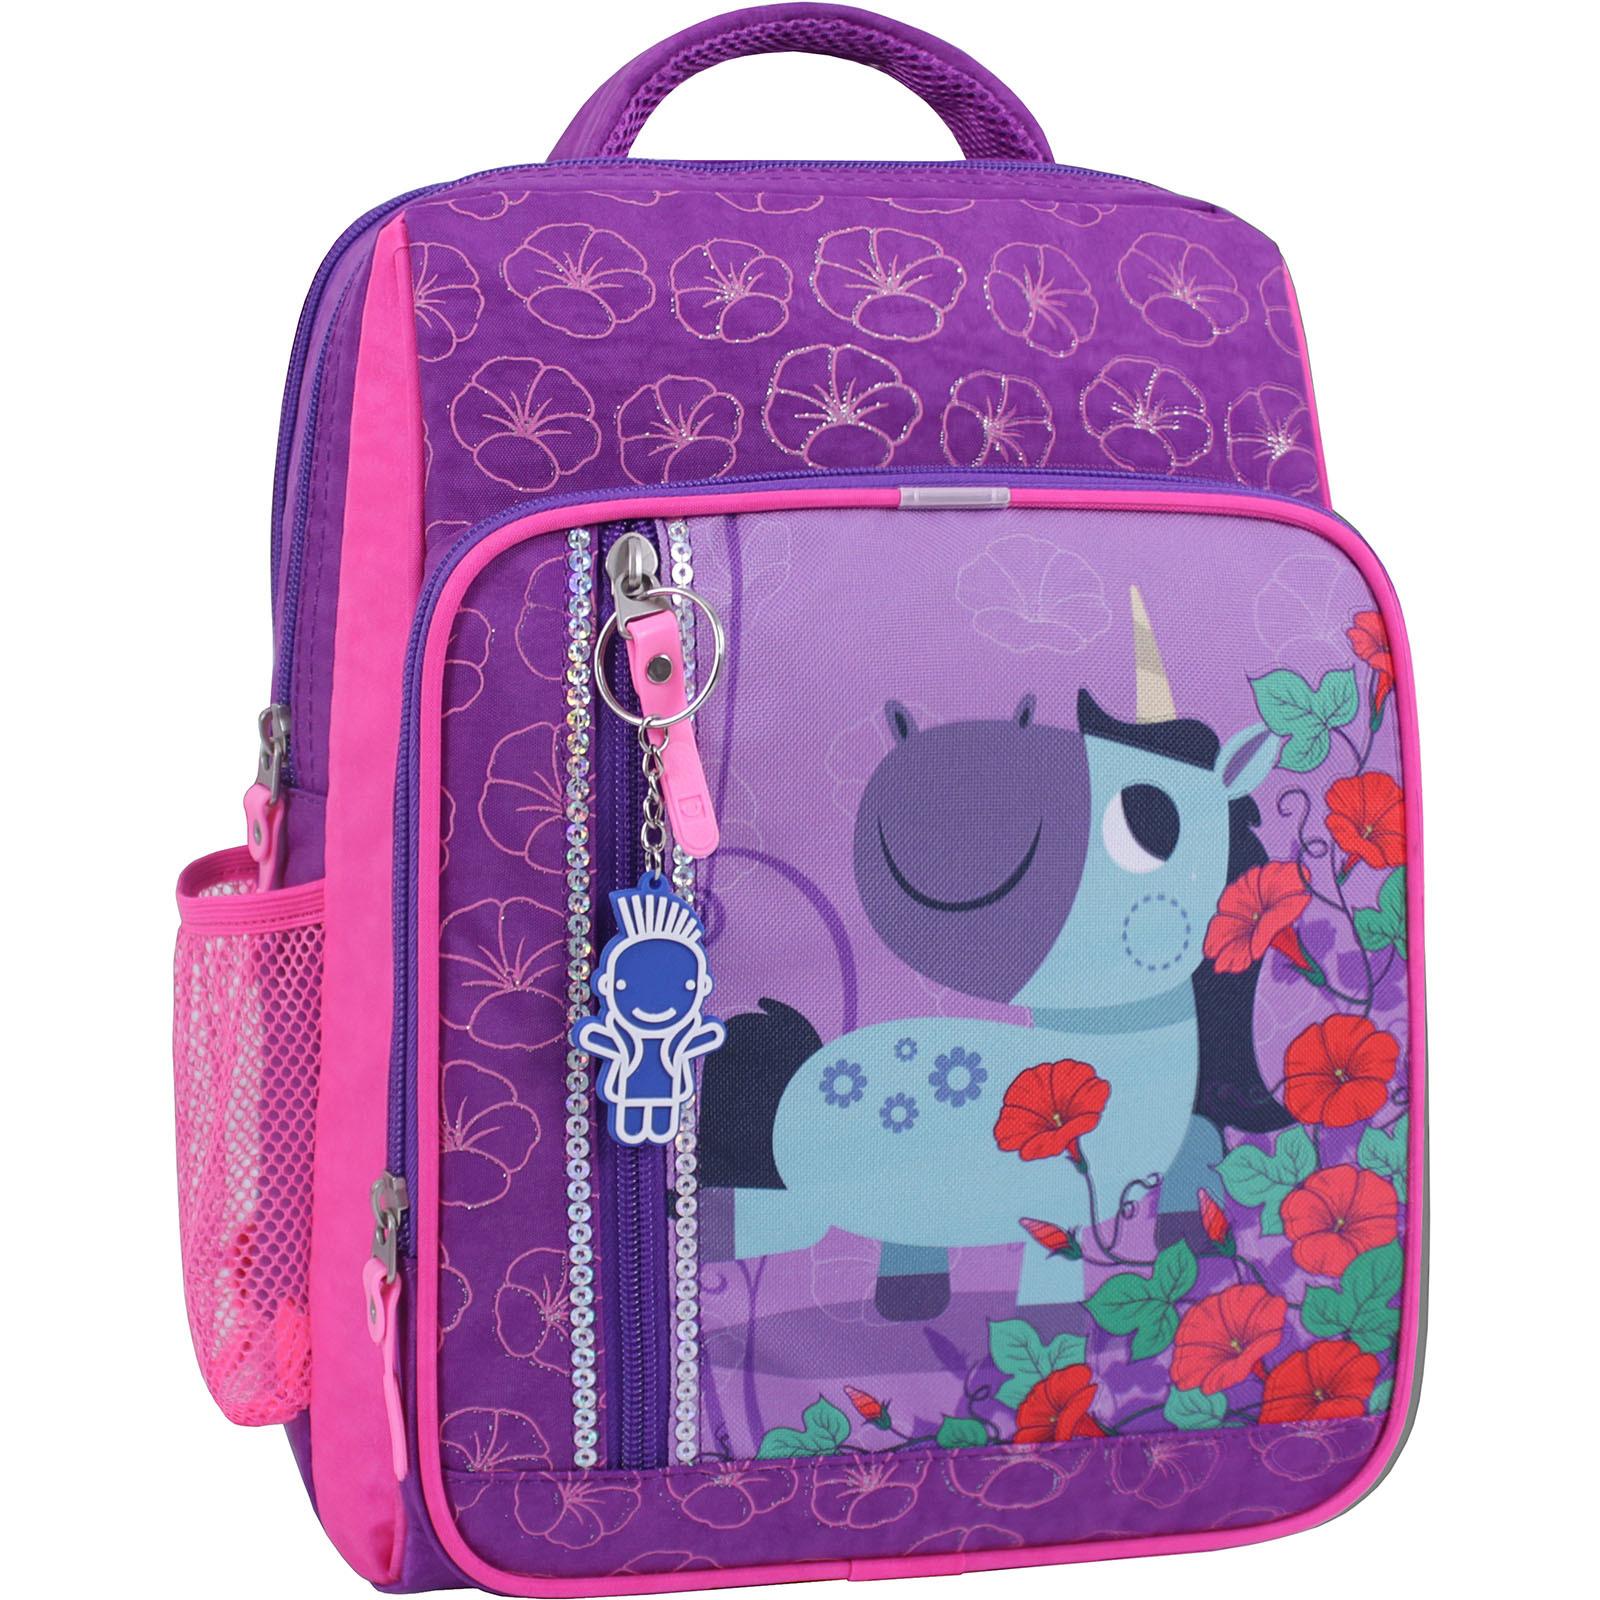 Рюкзак школьный Bagland Школьник 8 л. фиолетовый 498 (0012870) фото 1